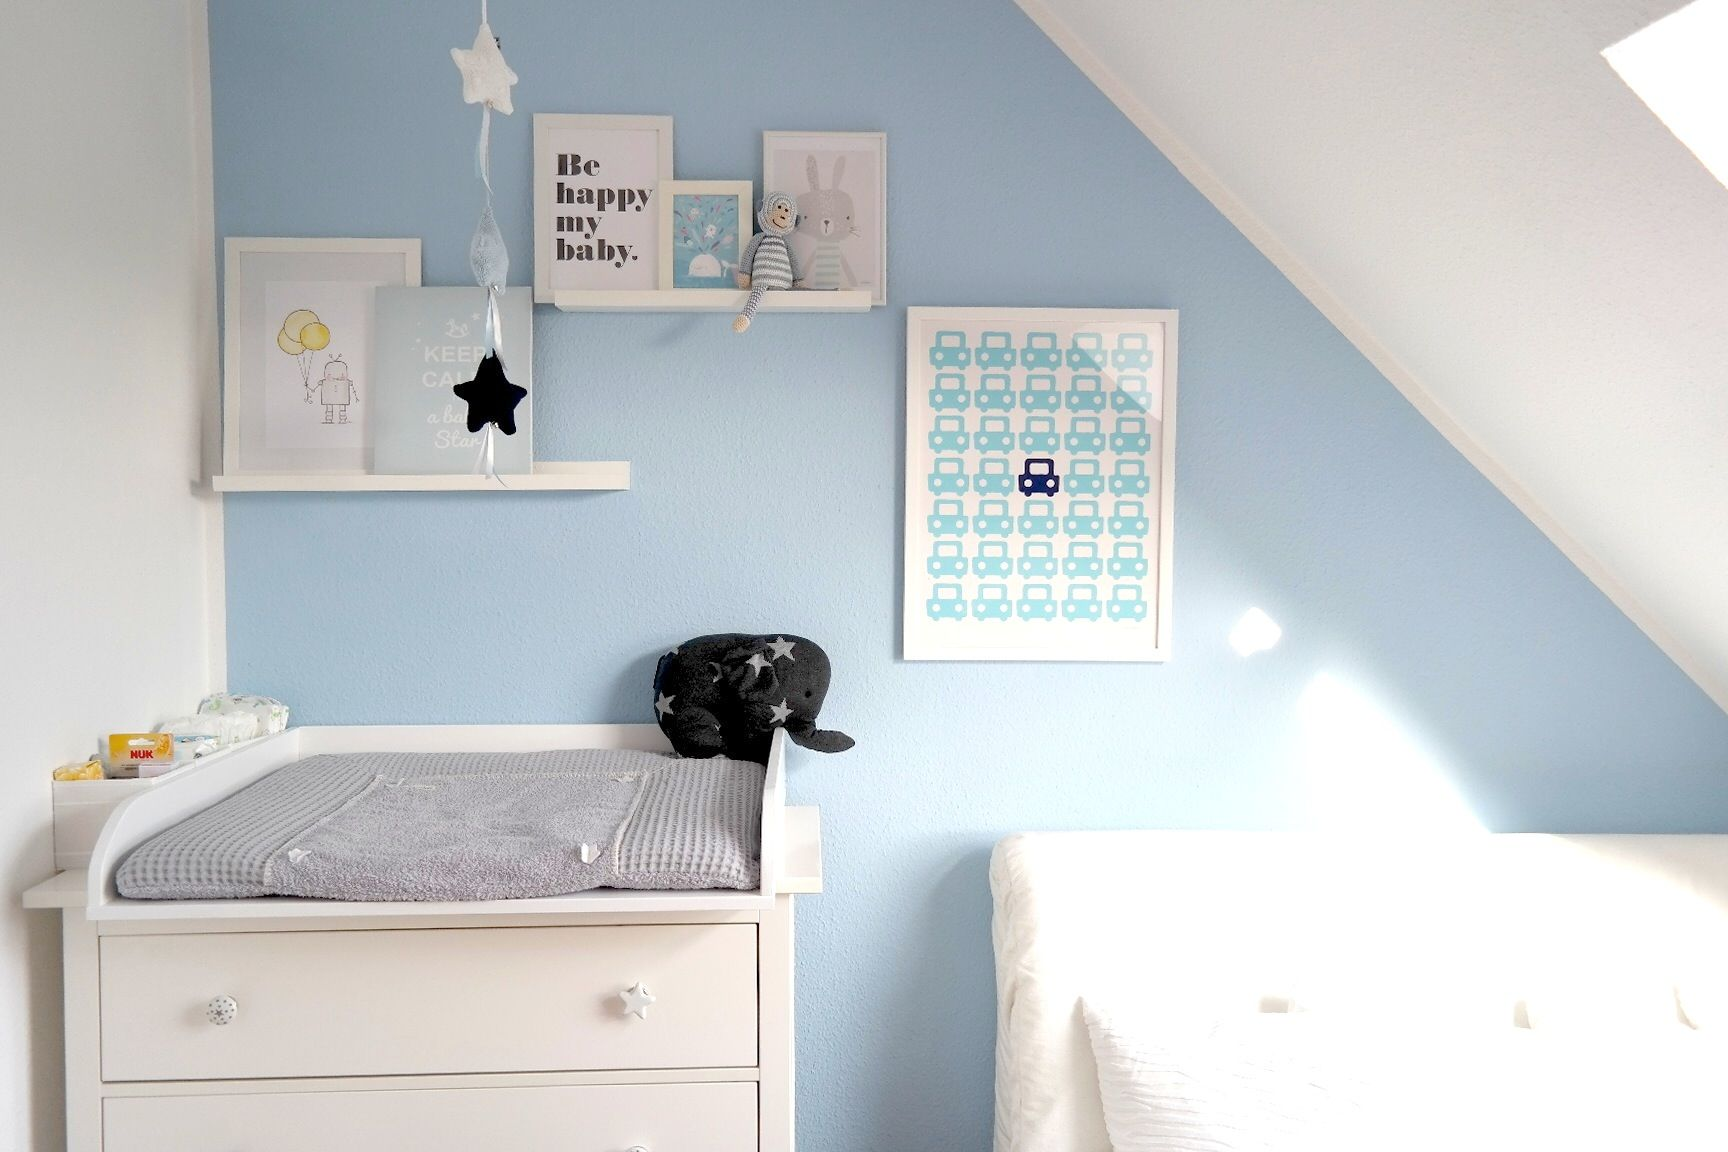 ikea kinderzimmer hemnes | gispatcher, Wohnzimmer dekoo